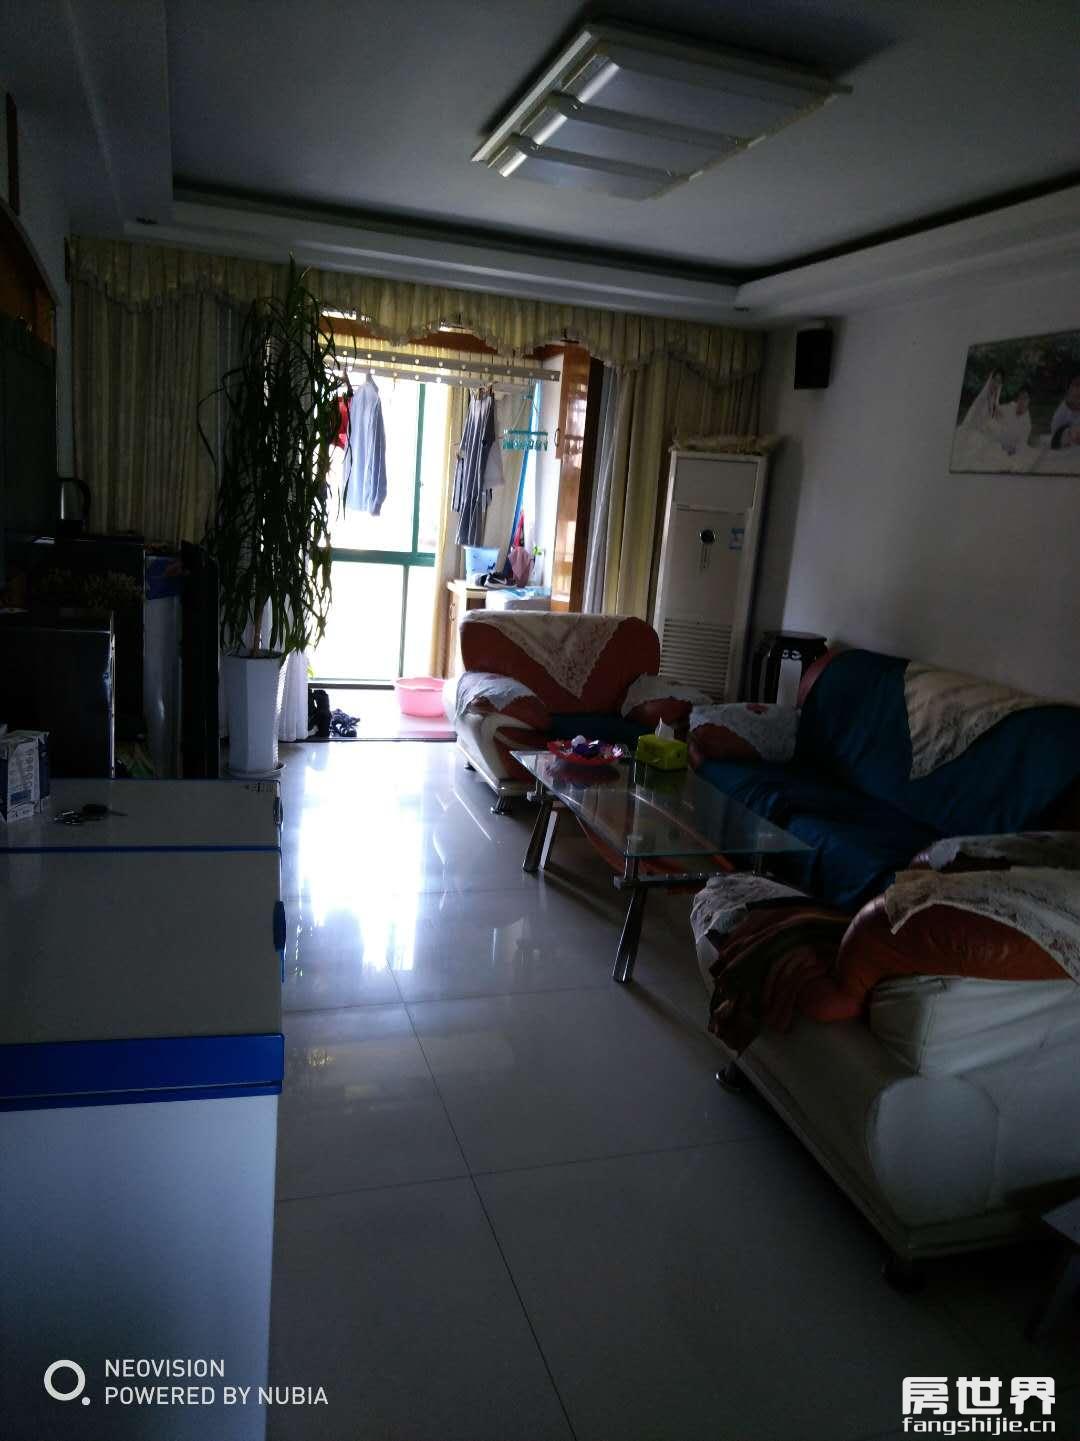 臨浦浴美苑鎮小、繁華地段、精裝修、樓層戶型佳、誠心出售